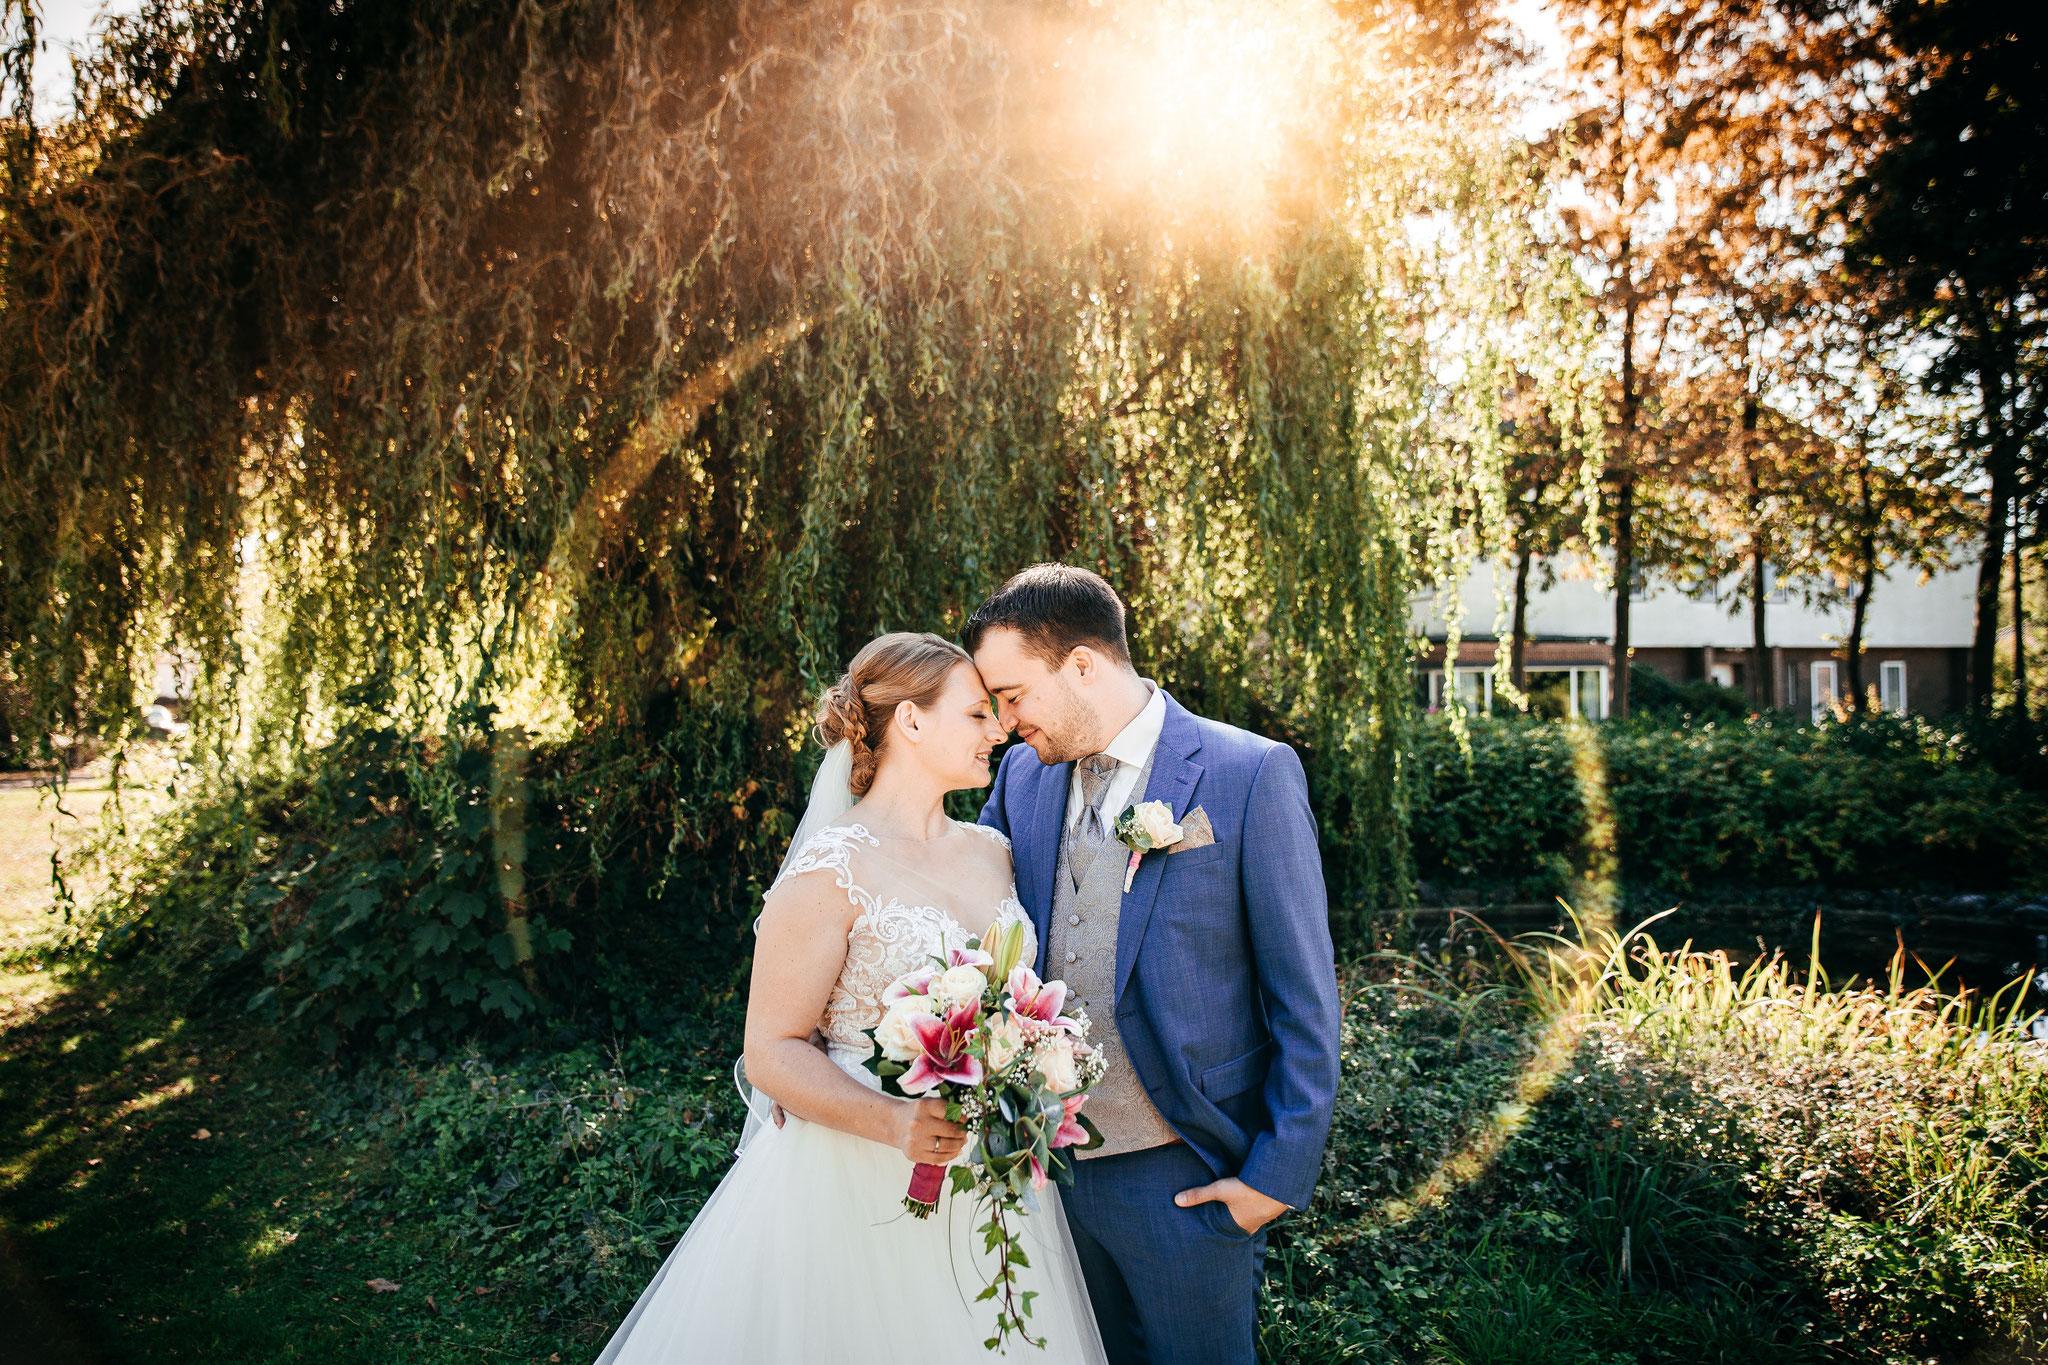 Vicky & Alex - Hochzeitsfotografen aus Lingen